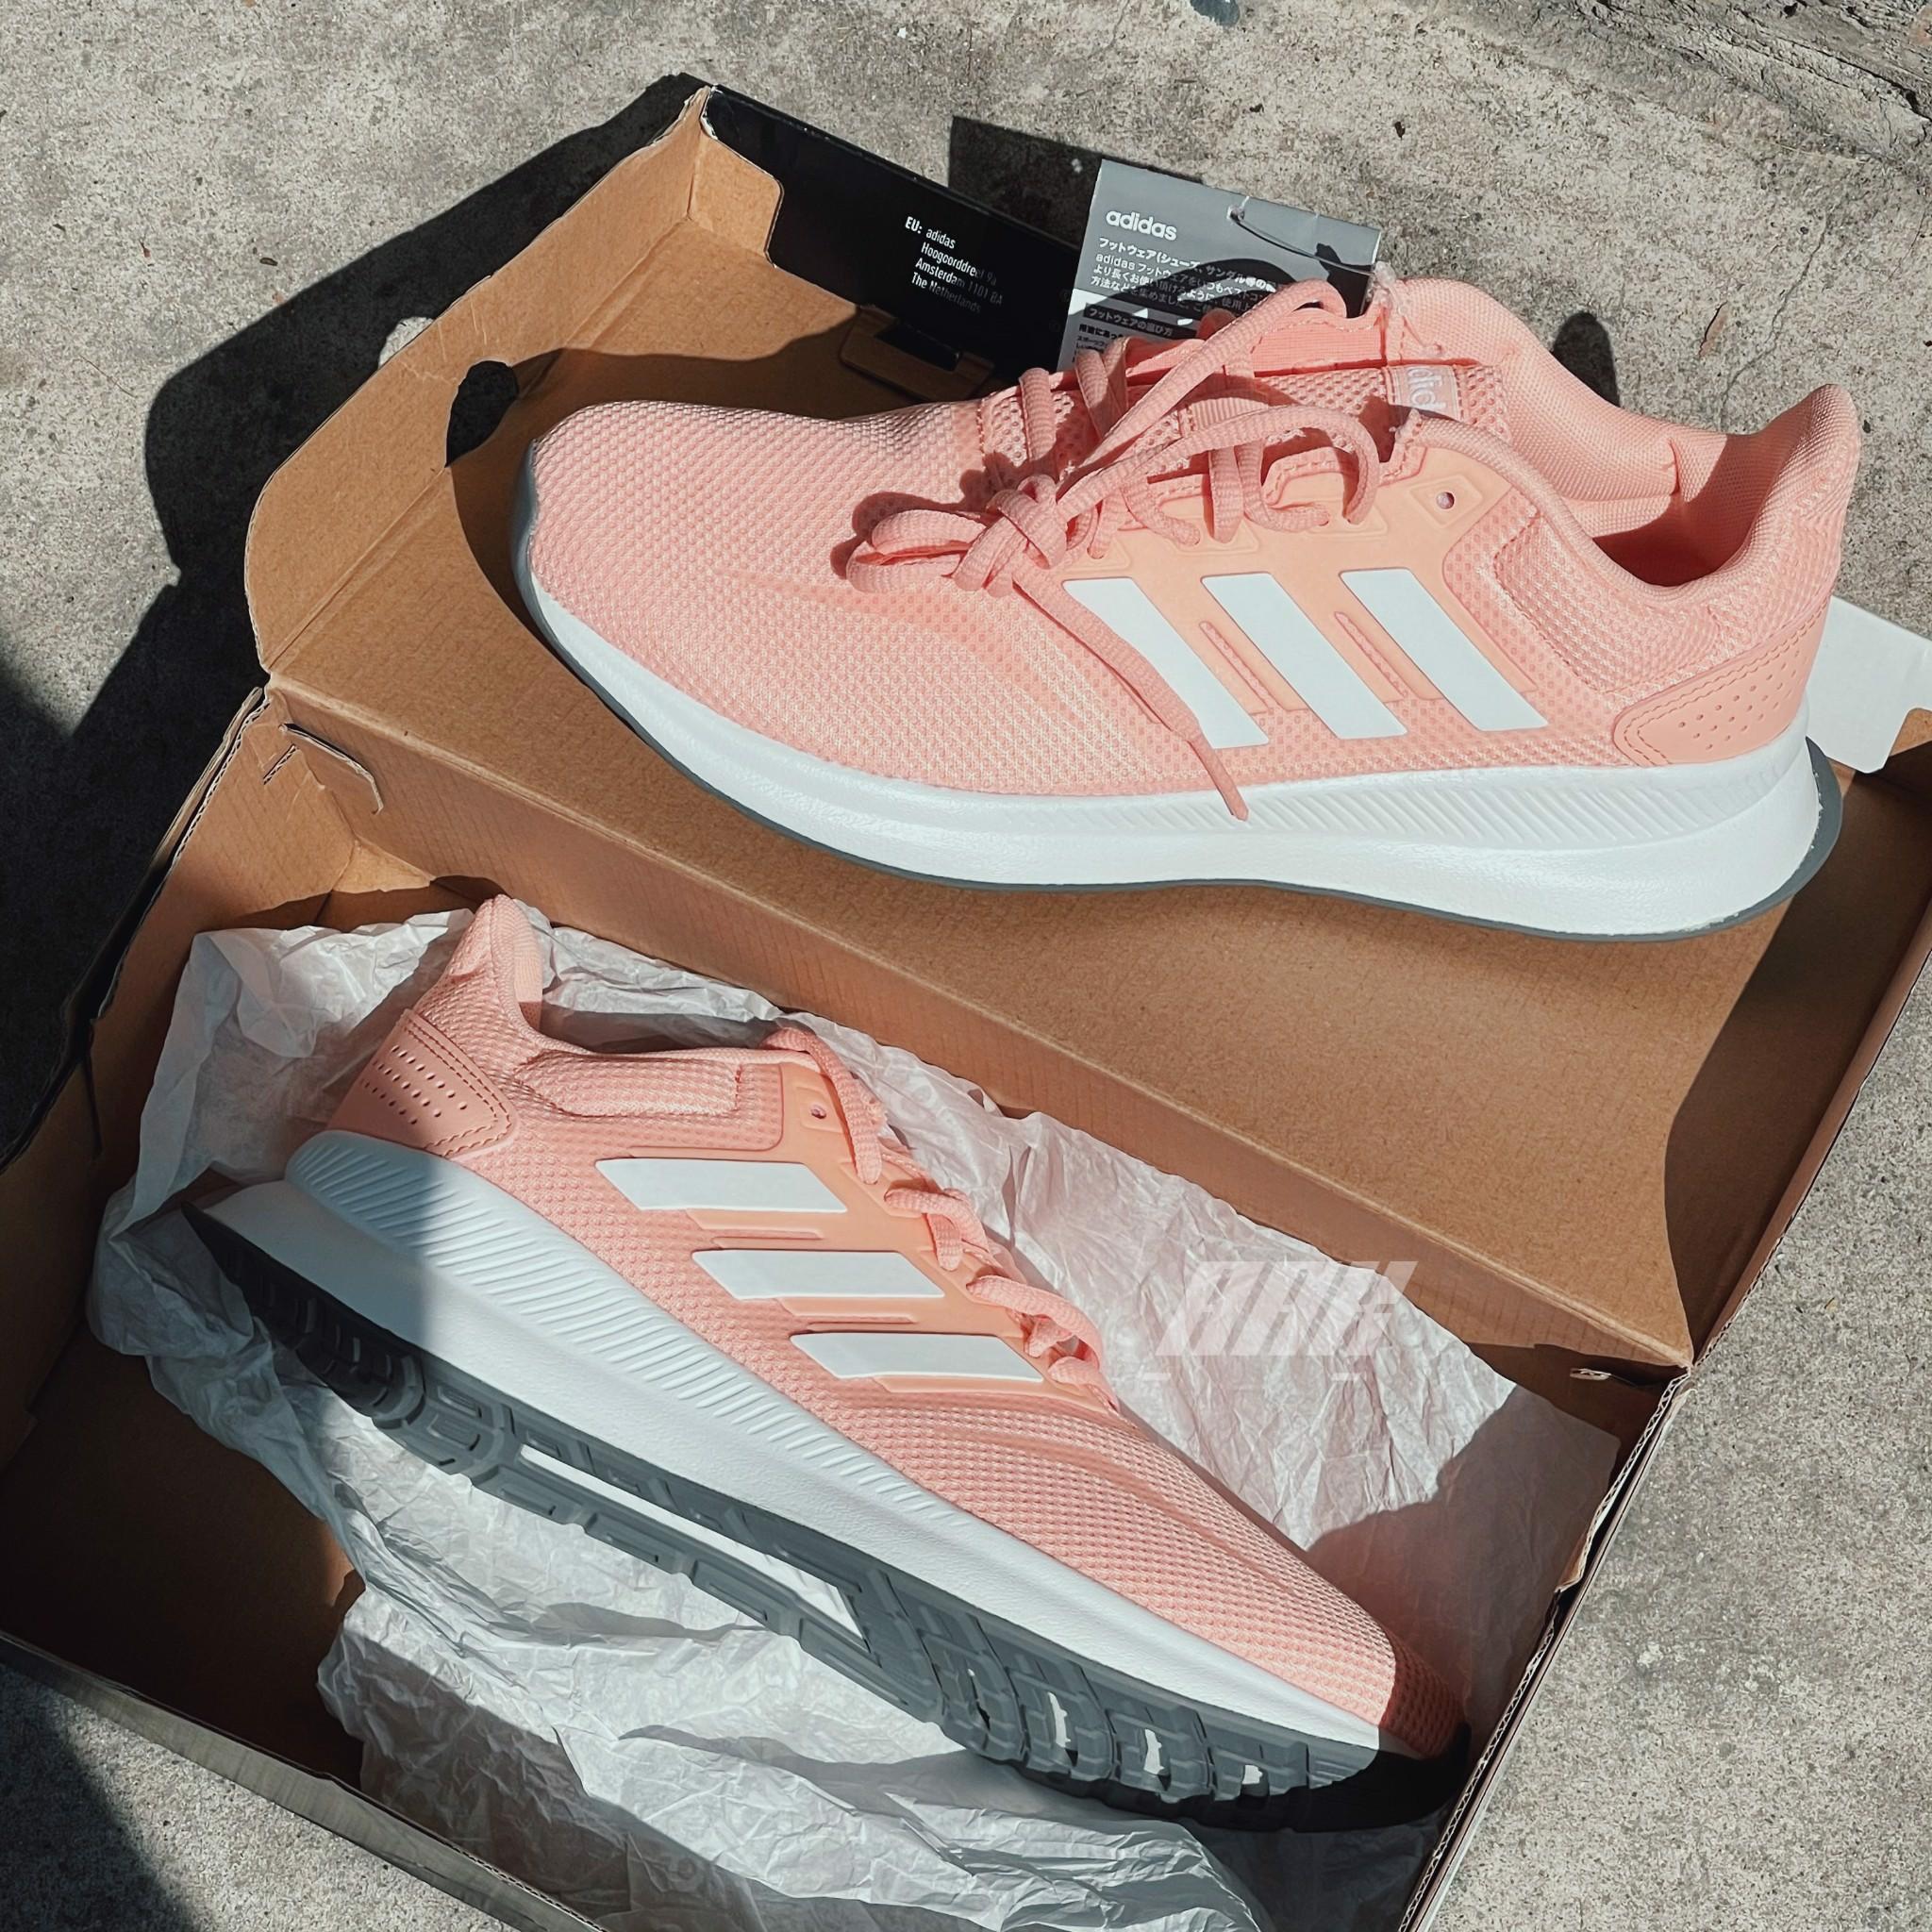 Hàng chính hãng Adidas Falconrun Glow Pink EE8165